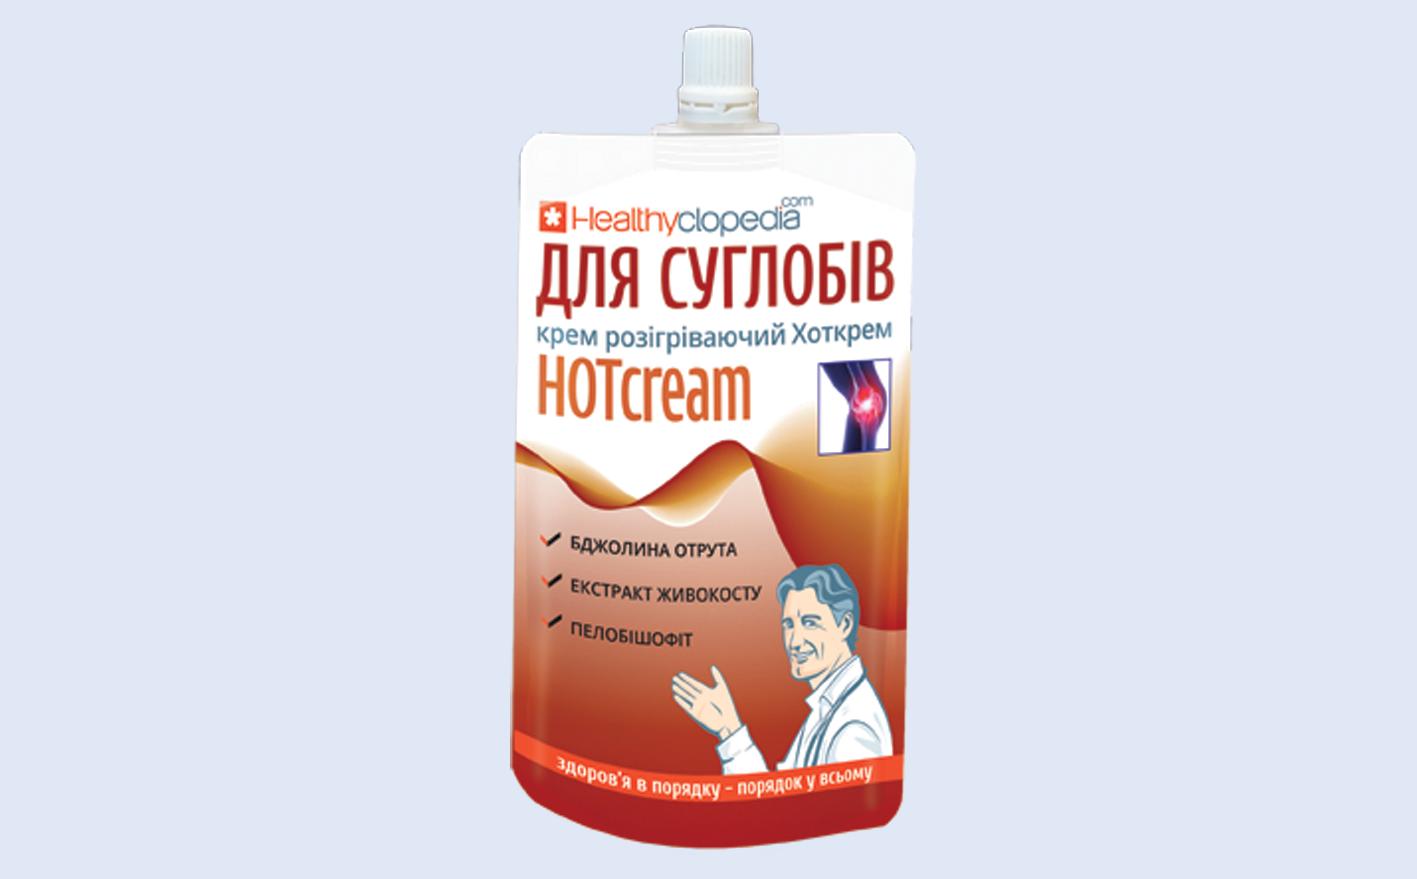 Крем разогревающий для суставов «HOTcream» - ср-во местного действия на основе пчел яда, Пелобишофита ,окопника, масла сосны.